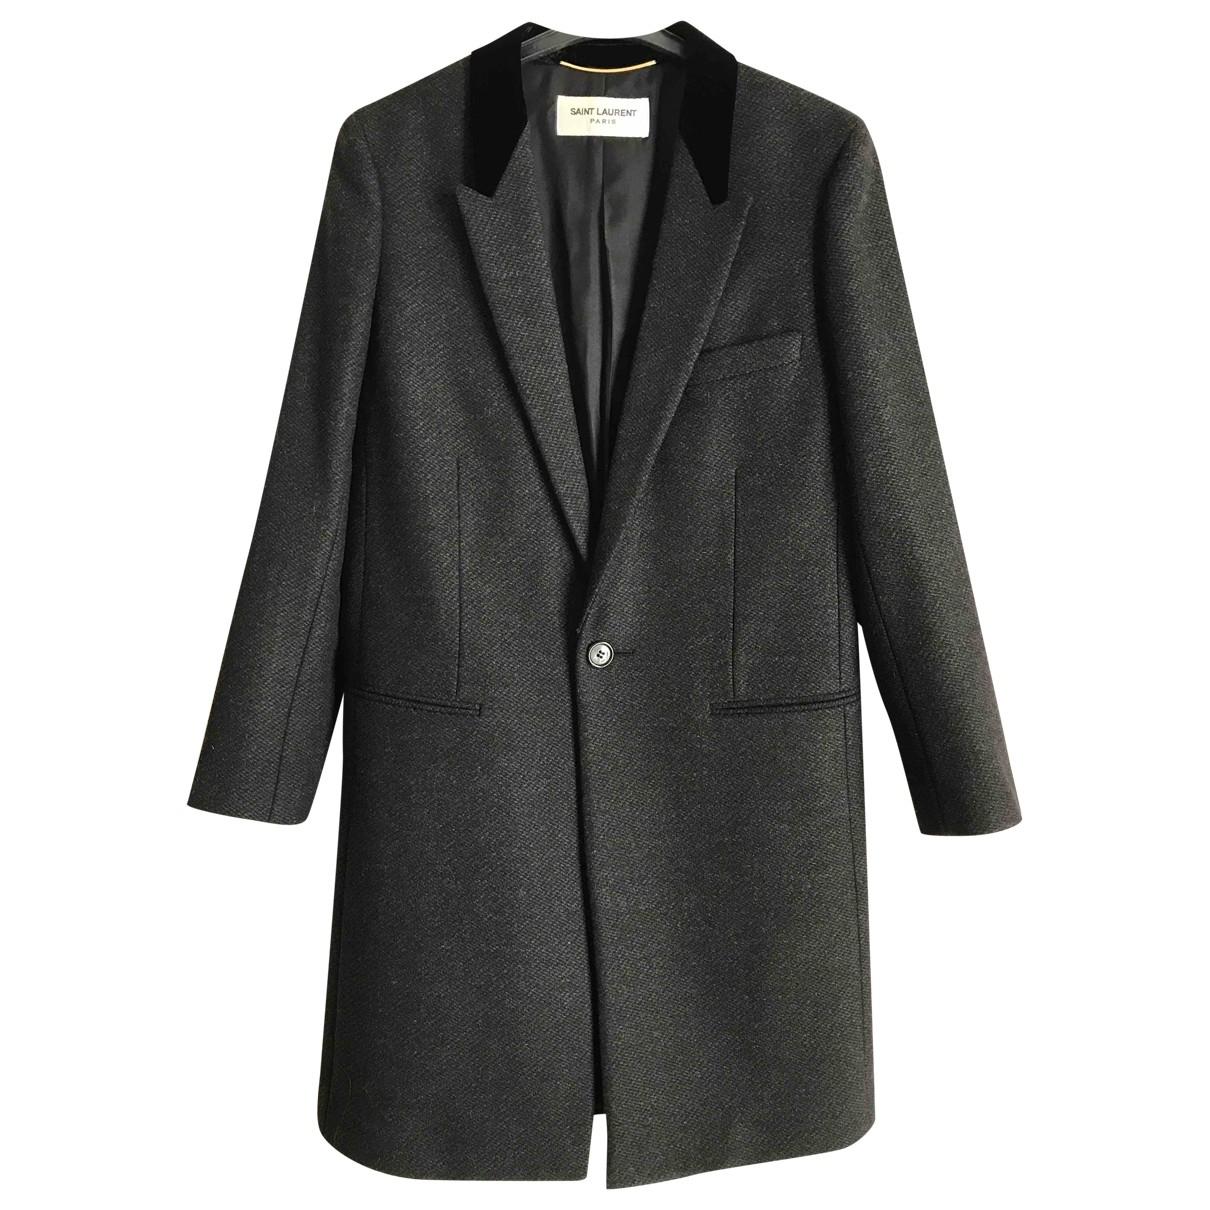 Saint Laurent - Manteau   pour femme en laine - gris